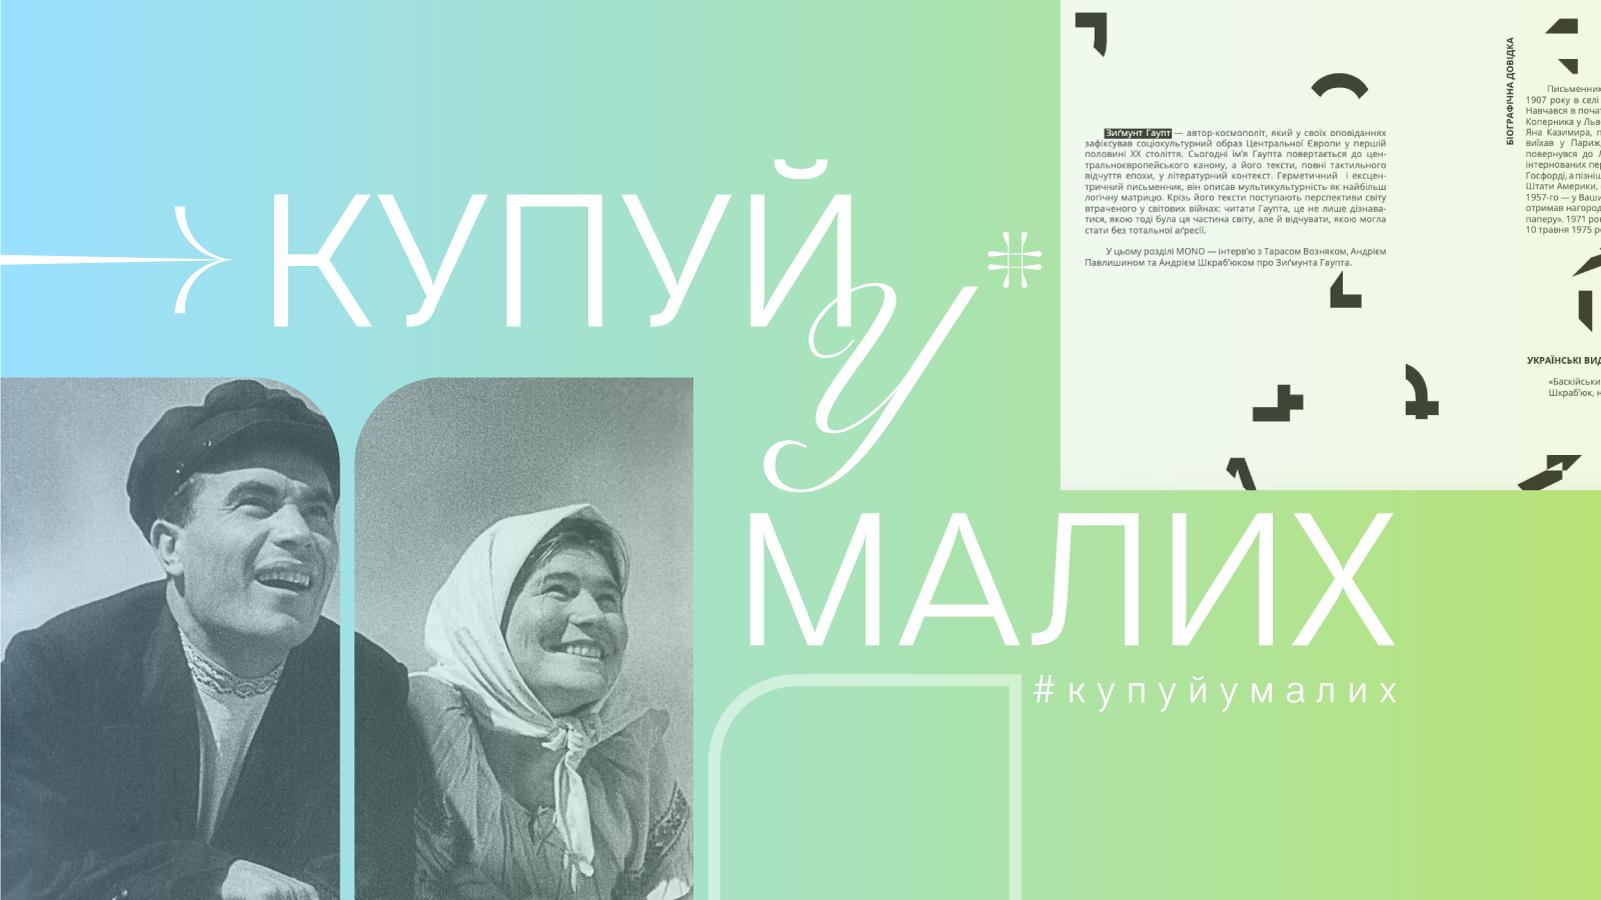 кампанія #купуй у малих: забута історія кіно, нова книжка Жадана і полінаціональні письменники